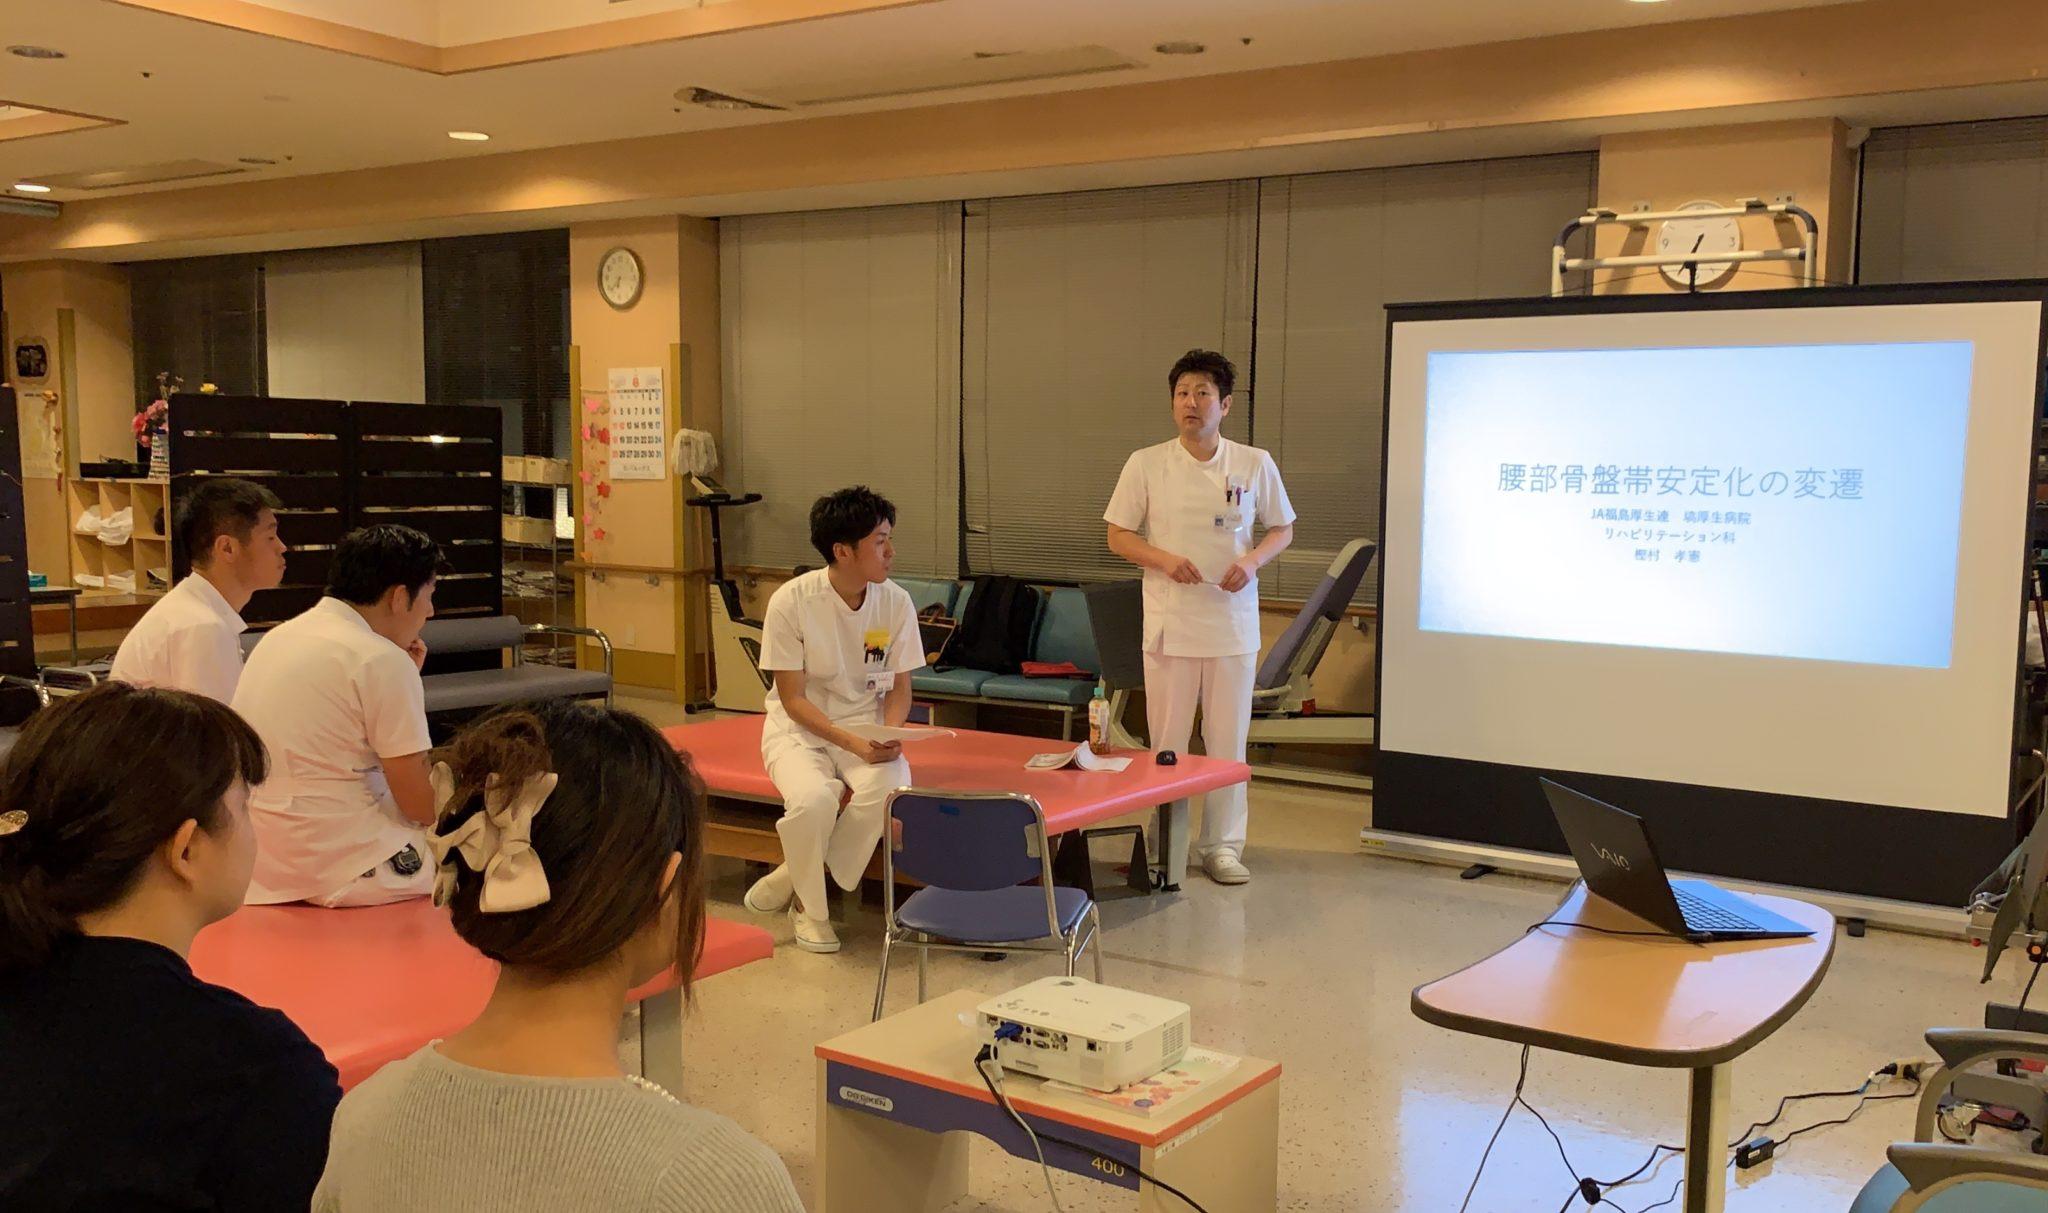 県南支部勉強会の開催写真